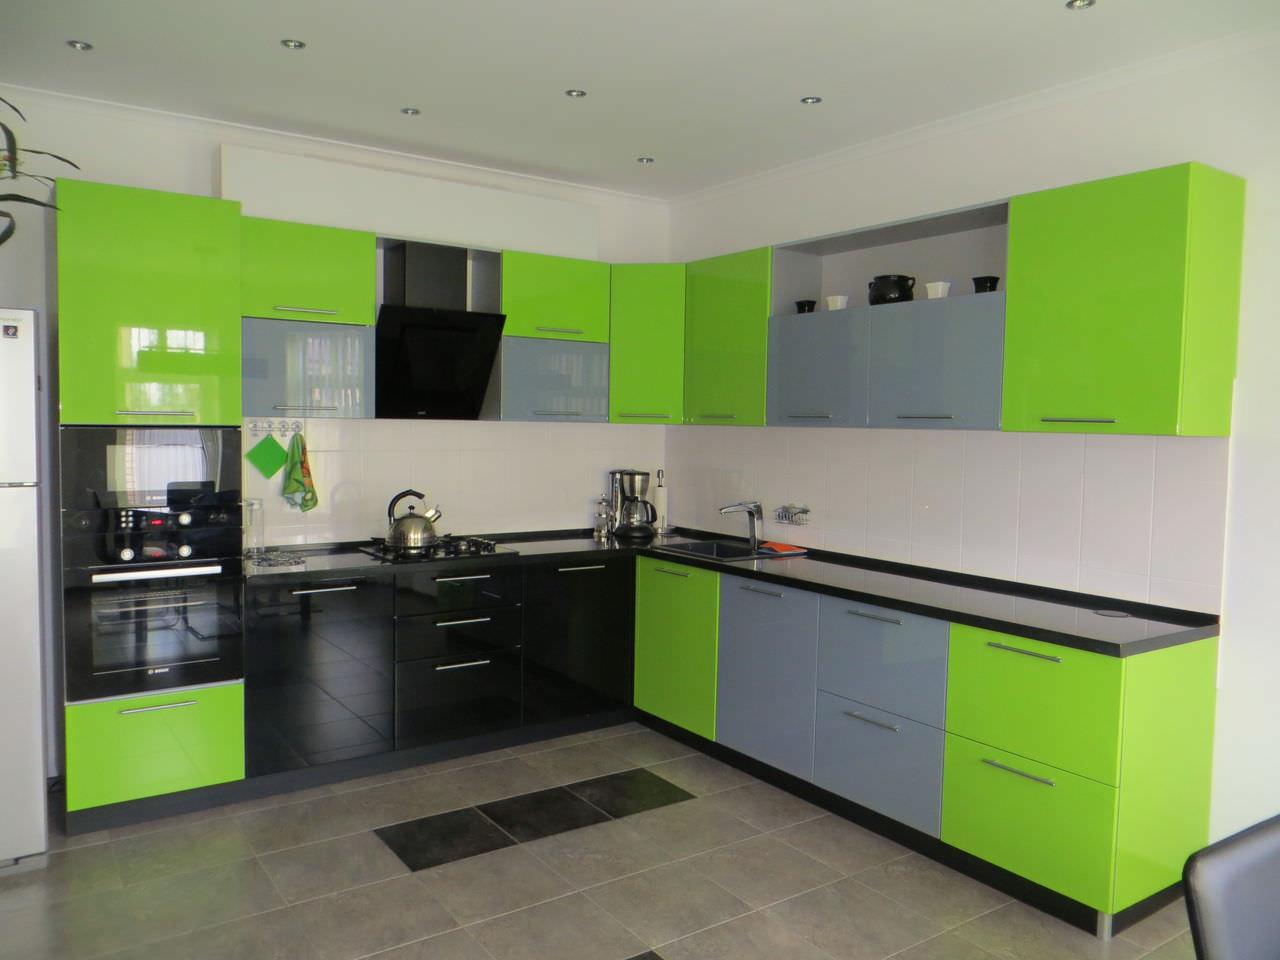 Как выбрать материал для кухонного гарнитура_1